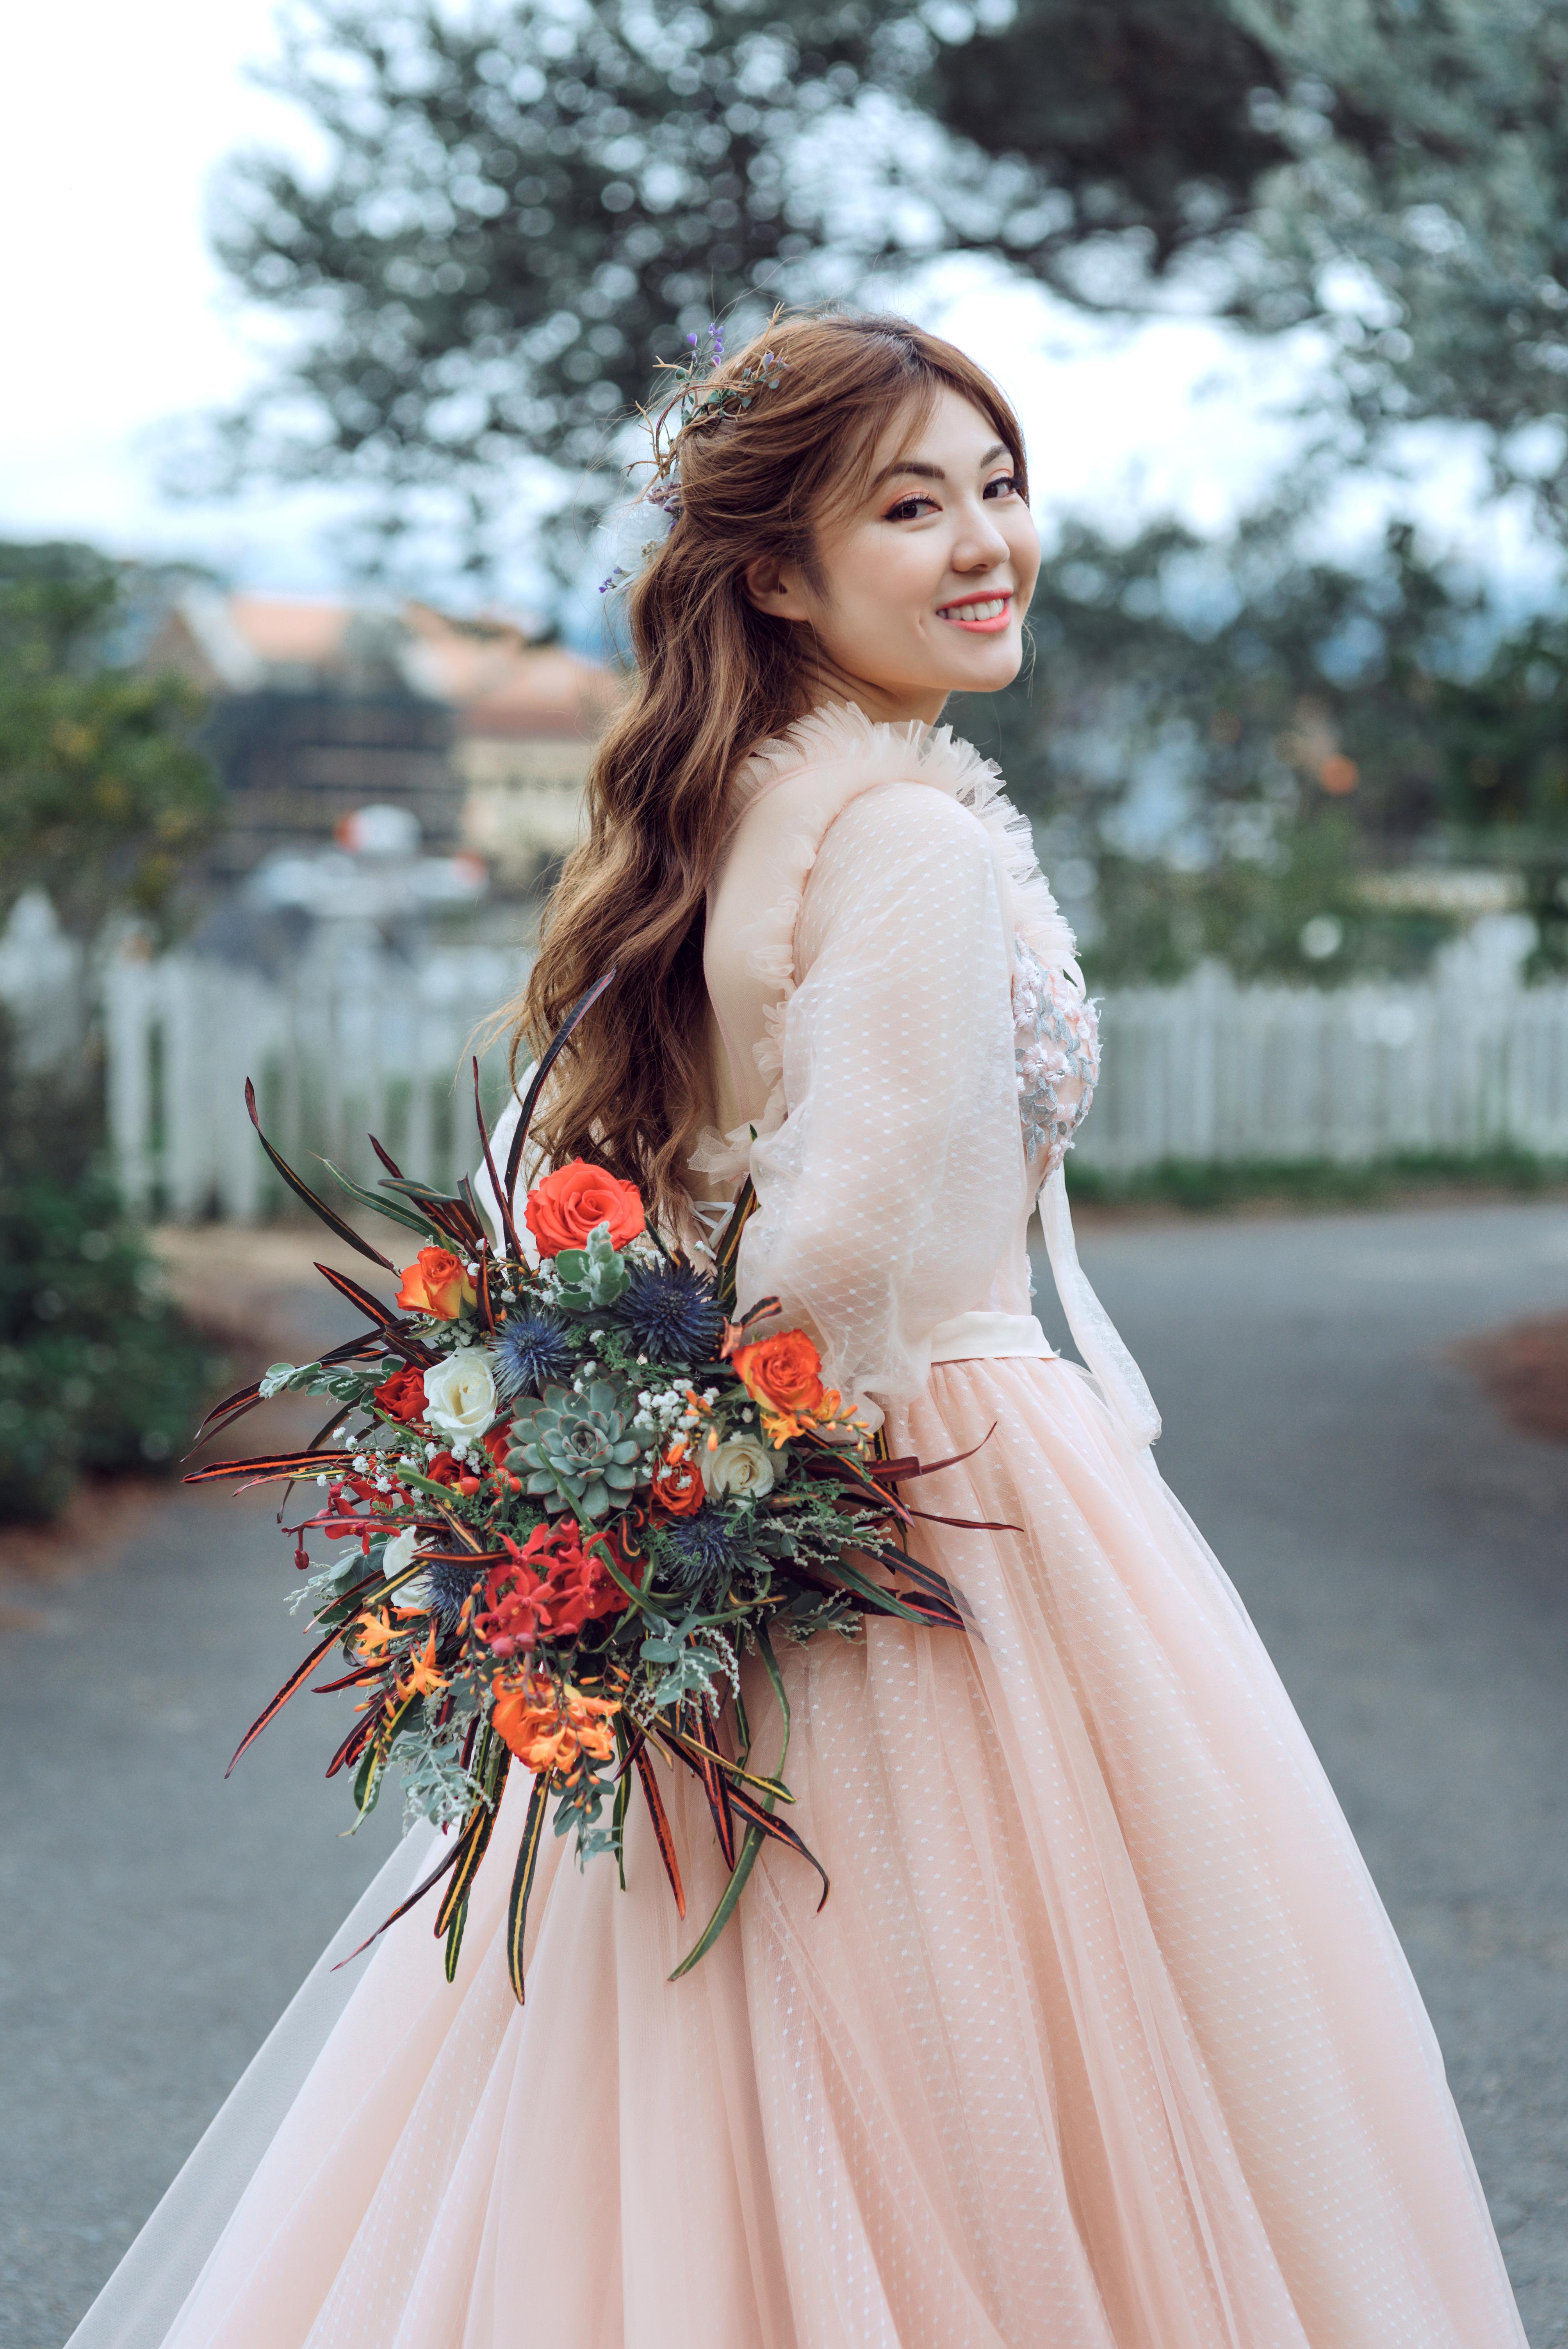 blommar asiatiska dating